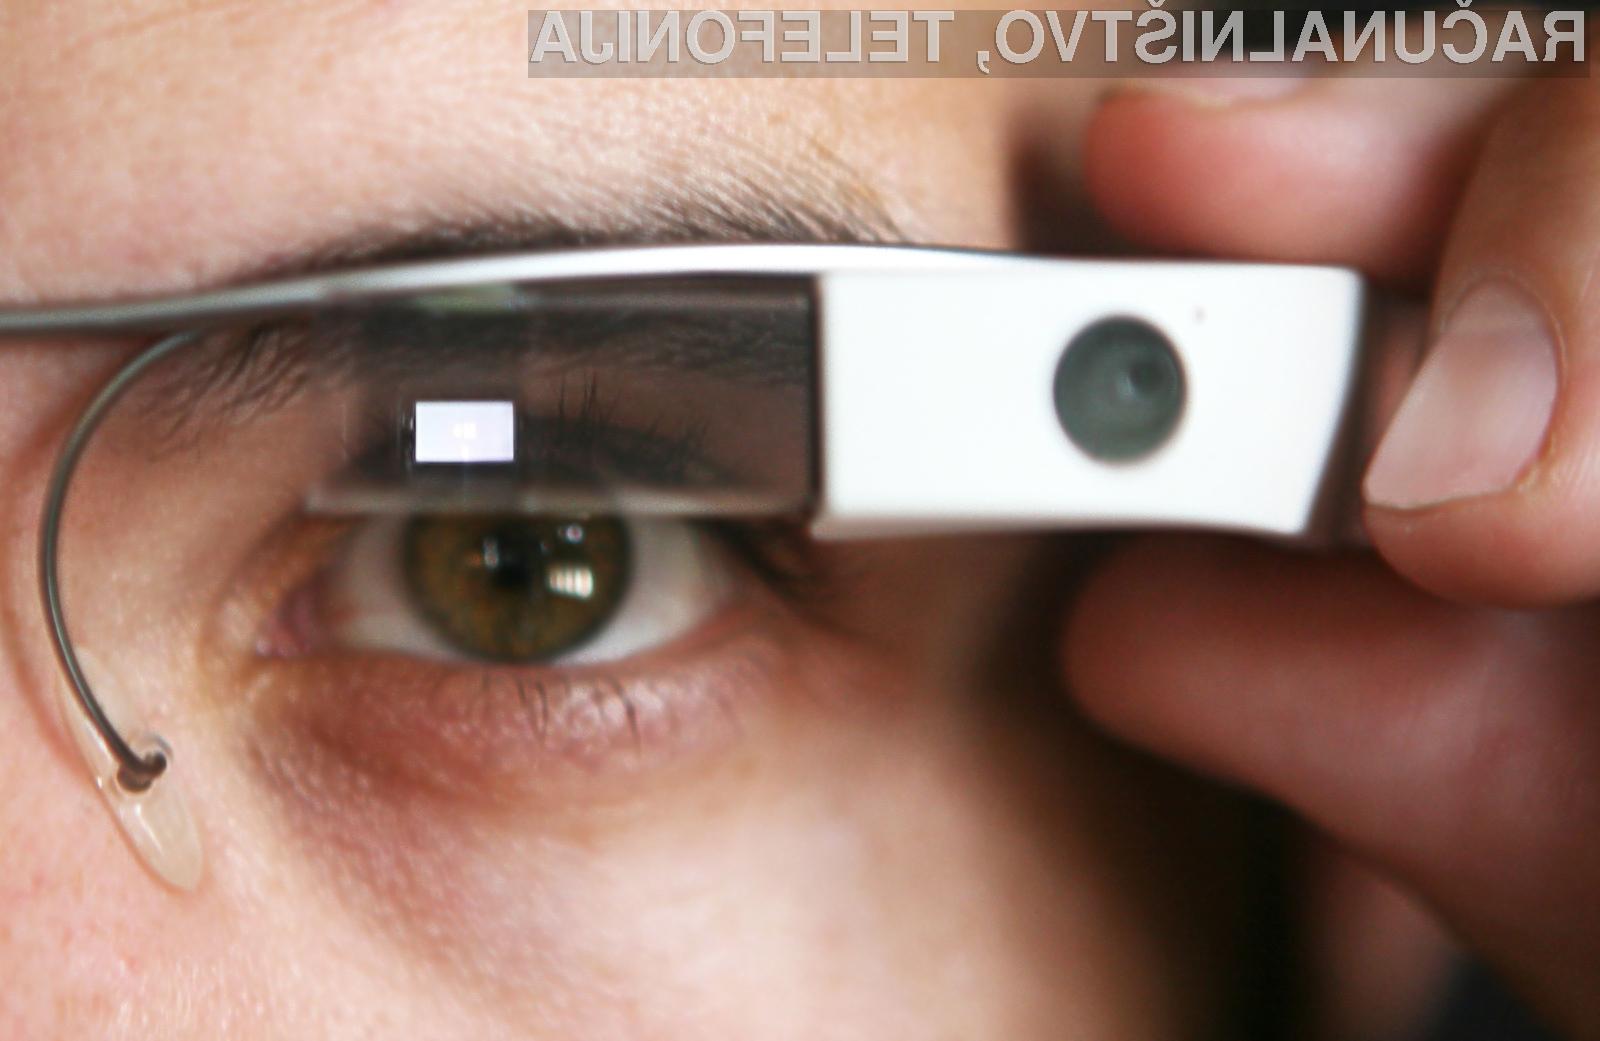 Nova večpredstavnostna očala Google Glass Enterprise Edition so bila deležna majhnih, a pomembnih izboljšav.